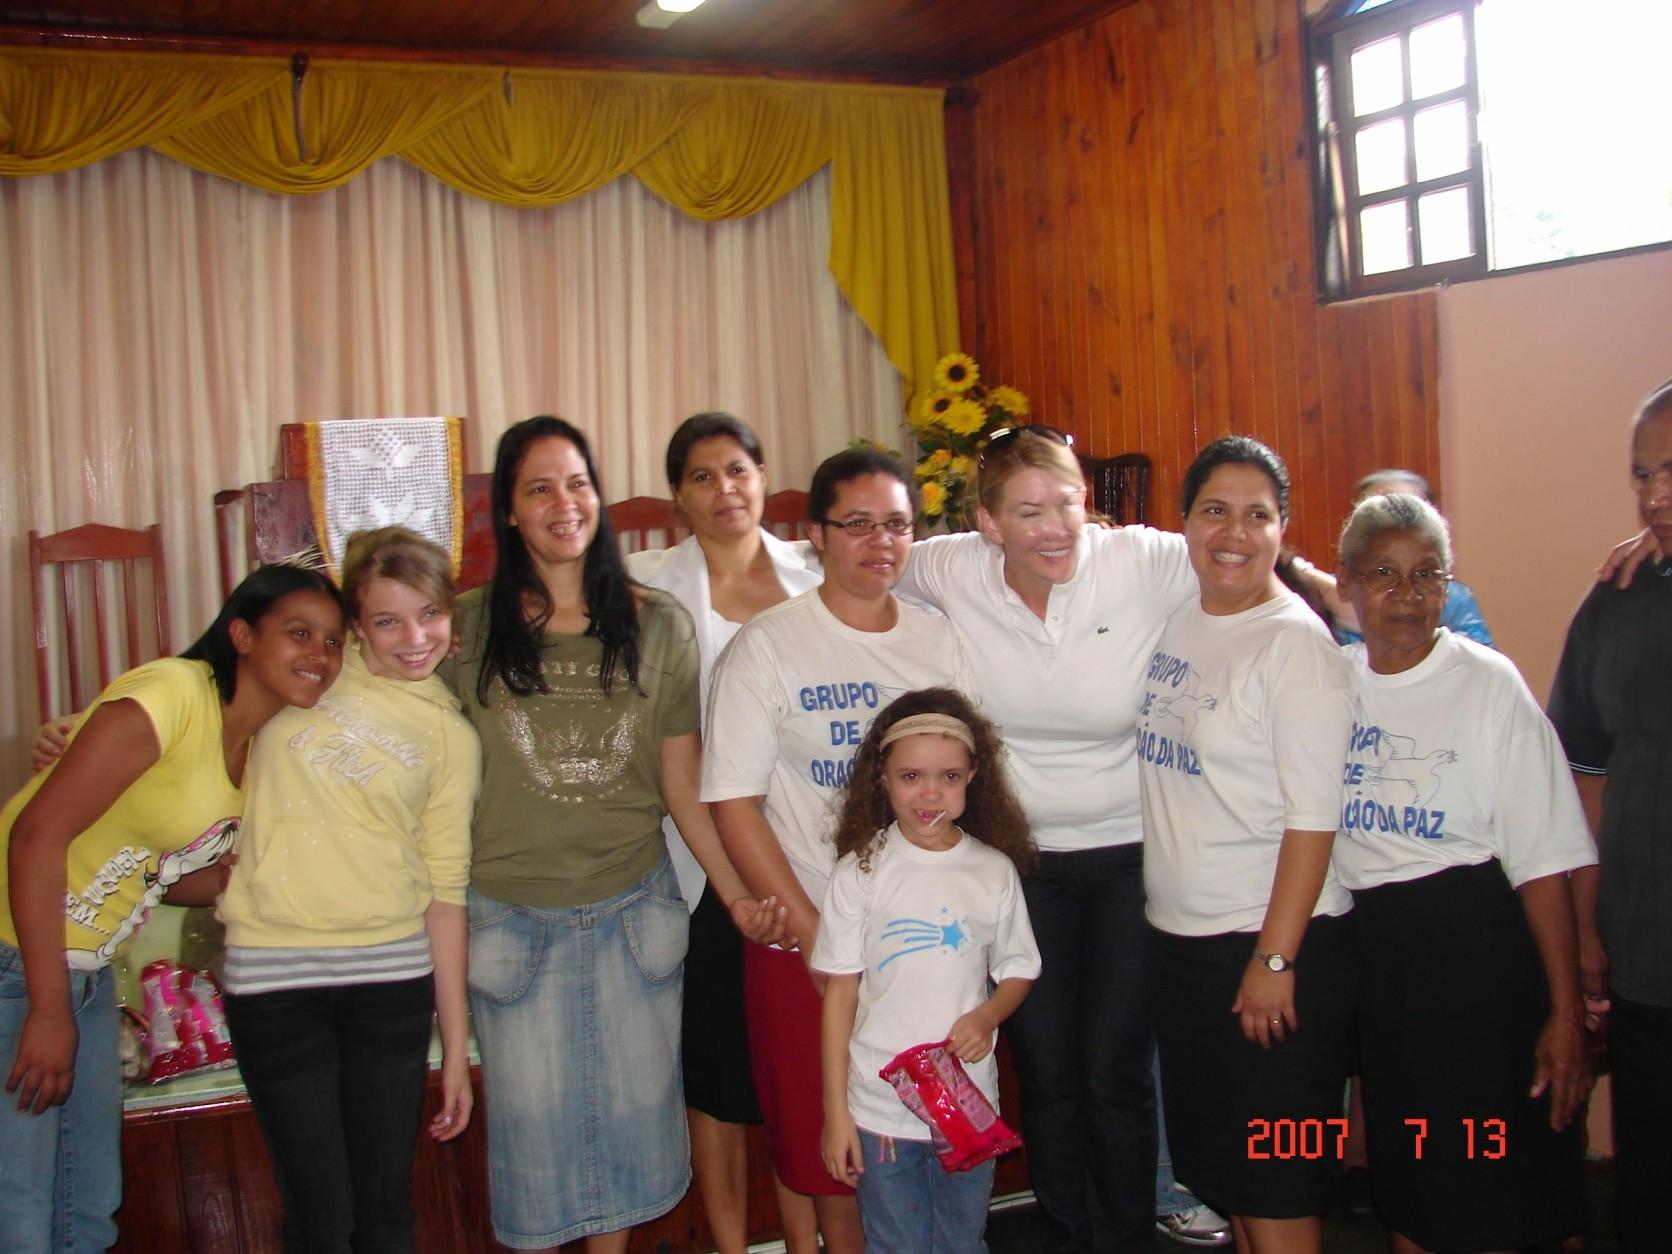 Brazil-Mission-Trip-07-13-2007-094